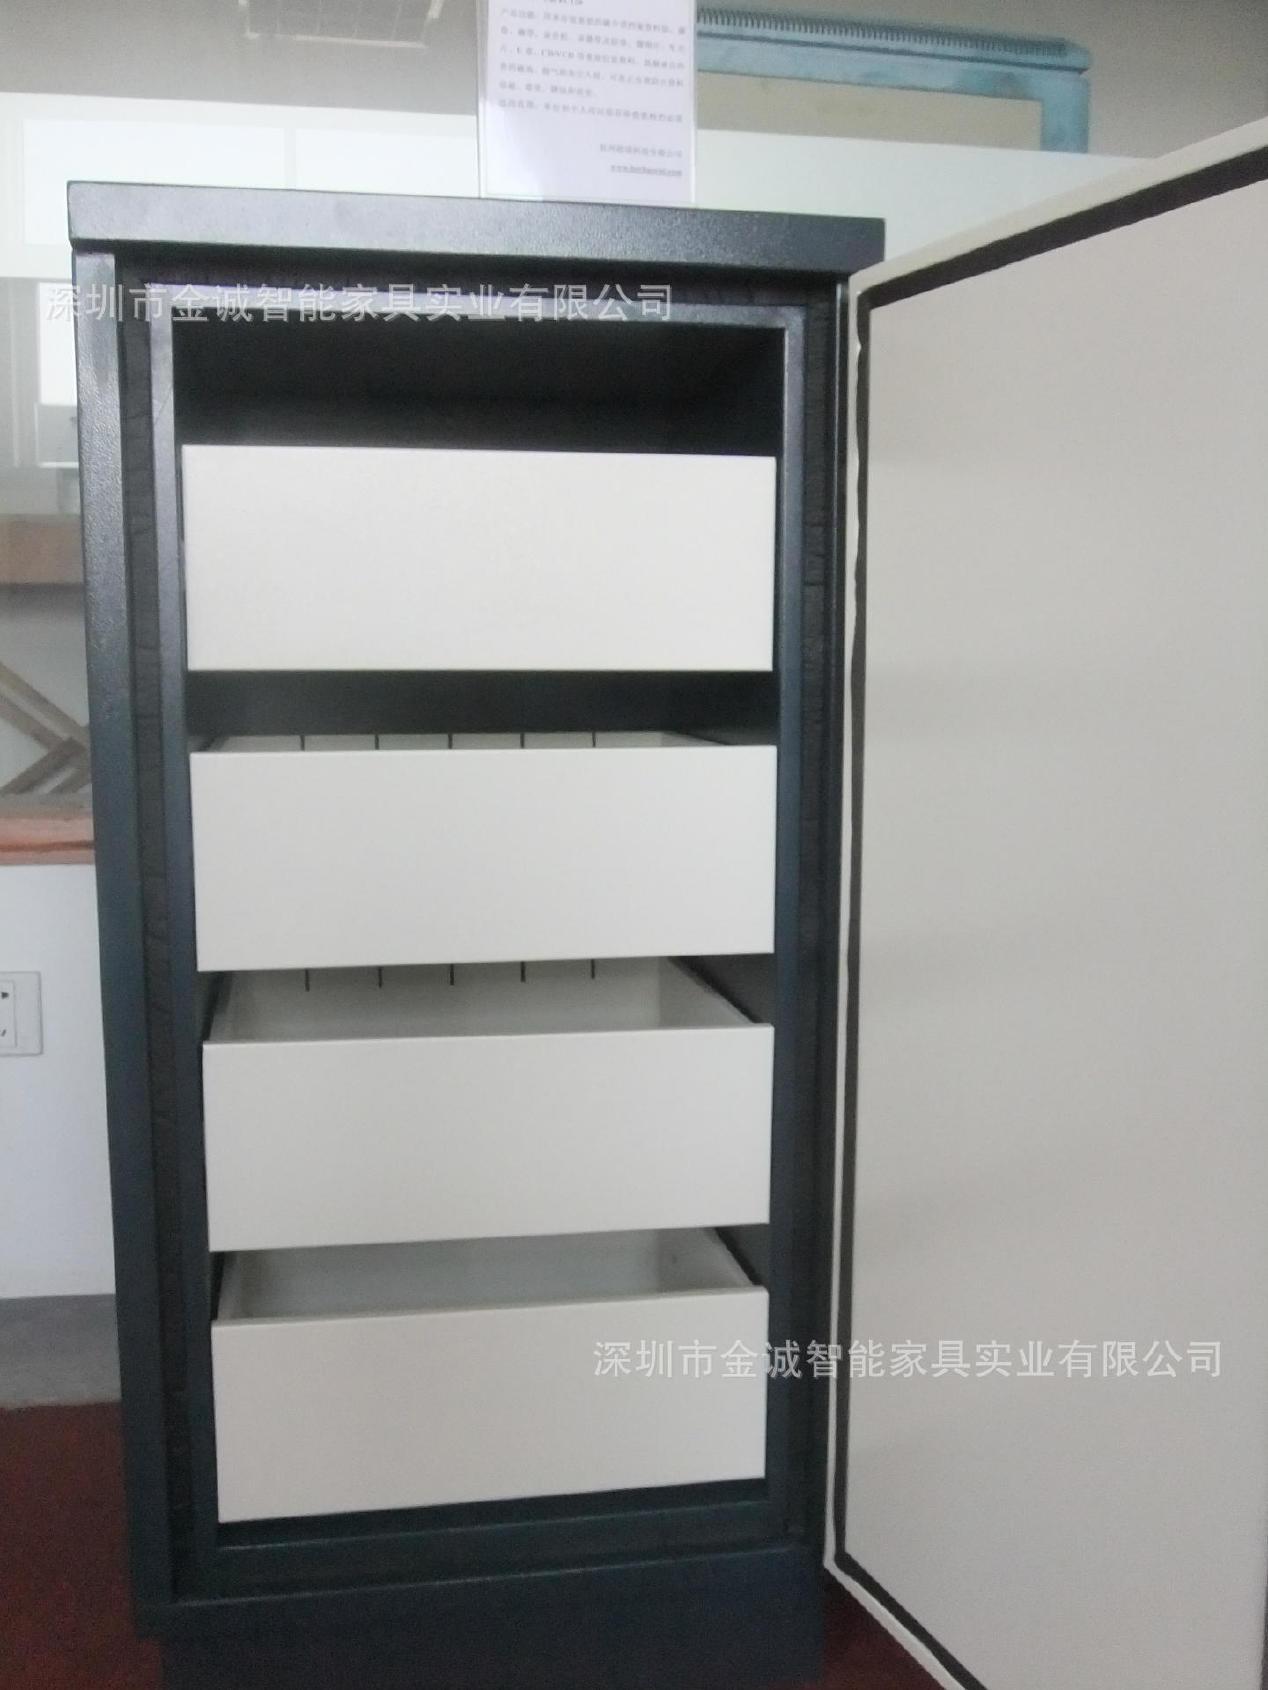 防磁信息柜DPC120 四抽磁盘柜 录像带光盘防磁柜 厂家直销